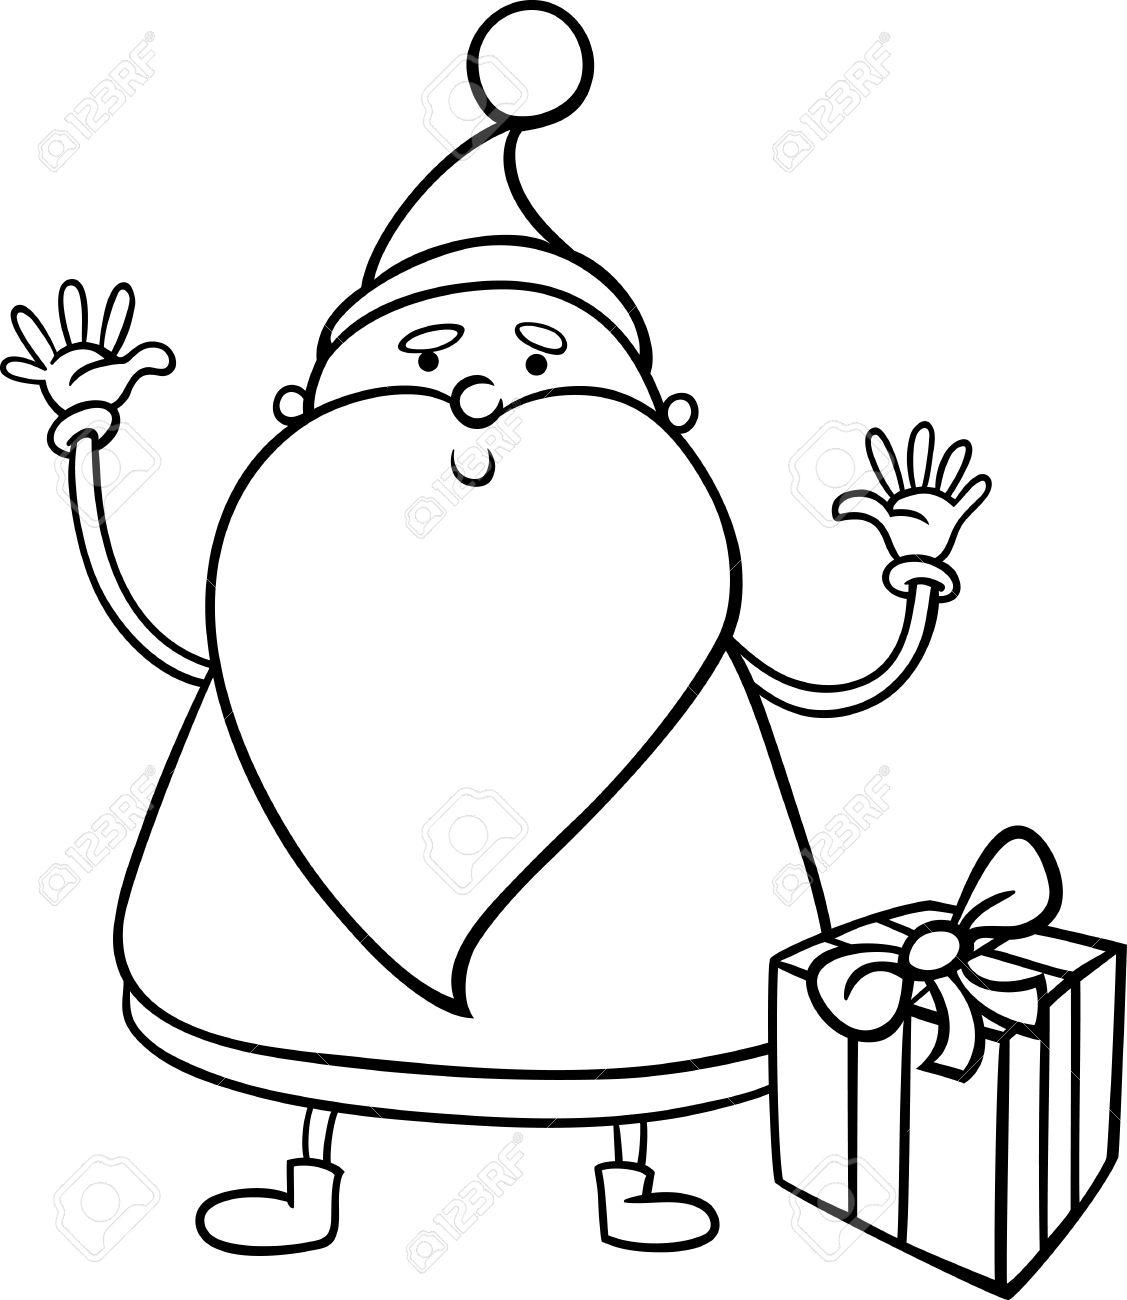 Dessin Animé Noir Et Blanc Illustration De Mignon Personnage Du Père Noël Avec Le Cadeau Ou Cadeau Pour Coloring Book